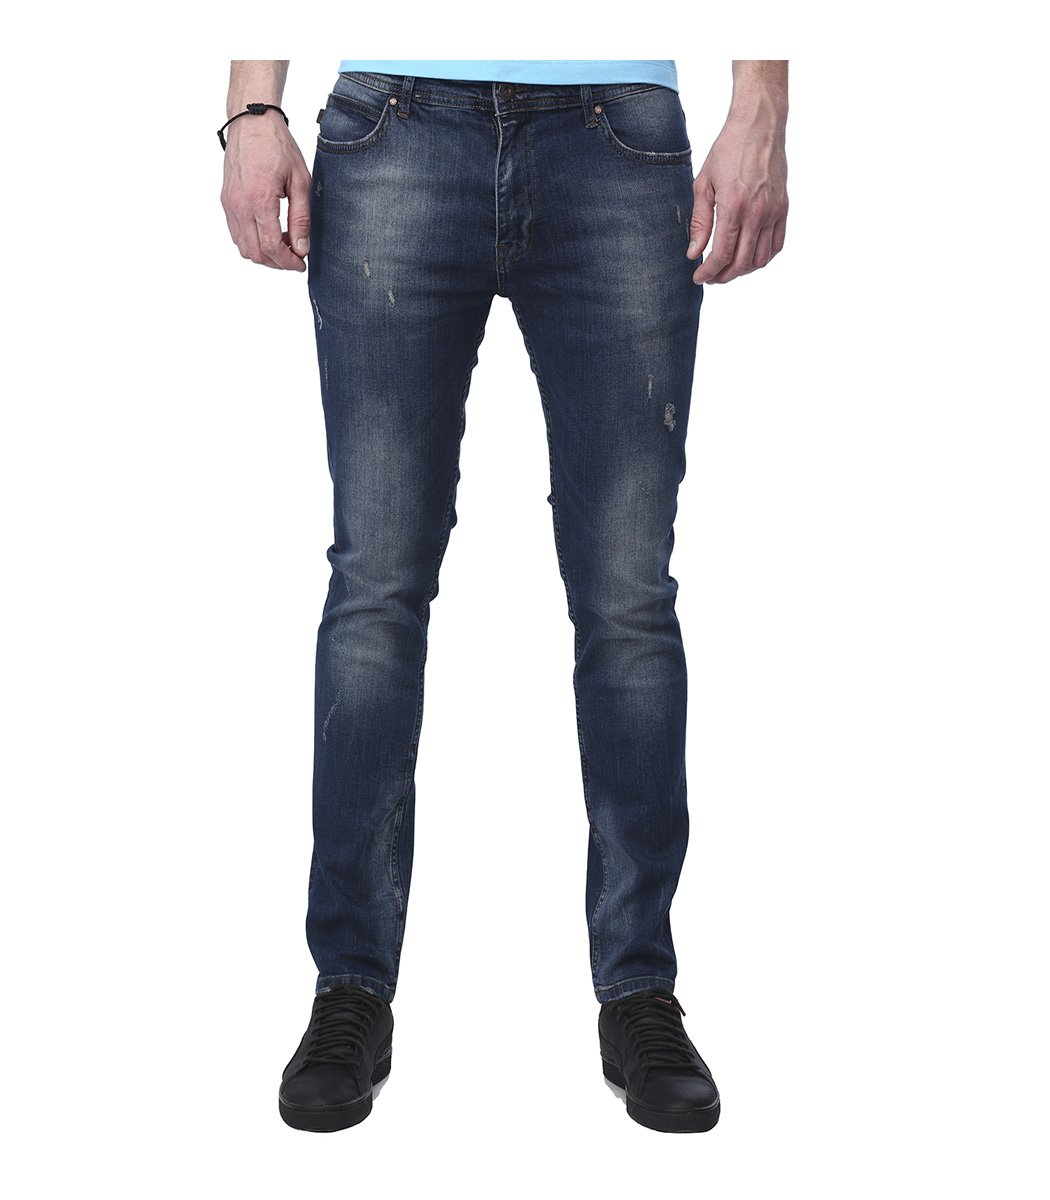 Синие джинсы Emporio Armani гранж 3157